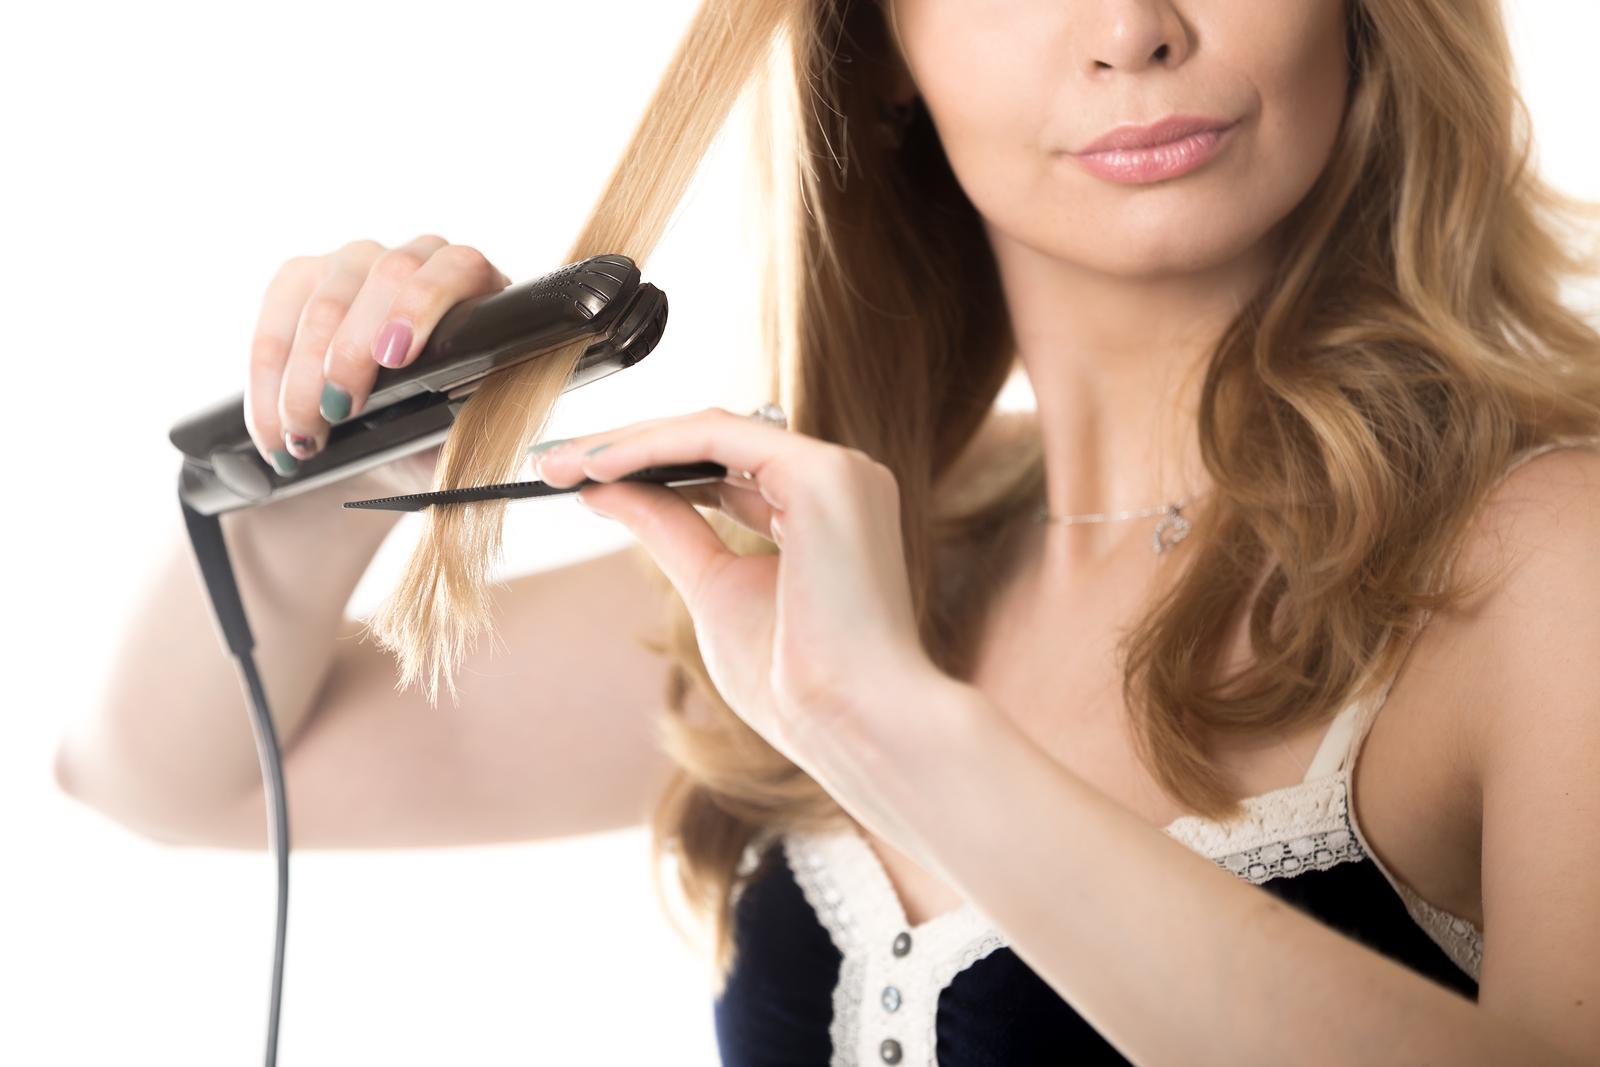 Piastra per capelli ricci, mossi e a vapore: come scegliere la migliore?